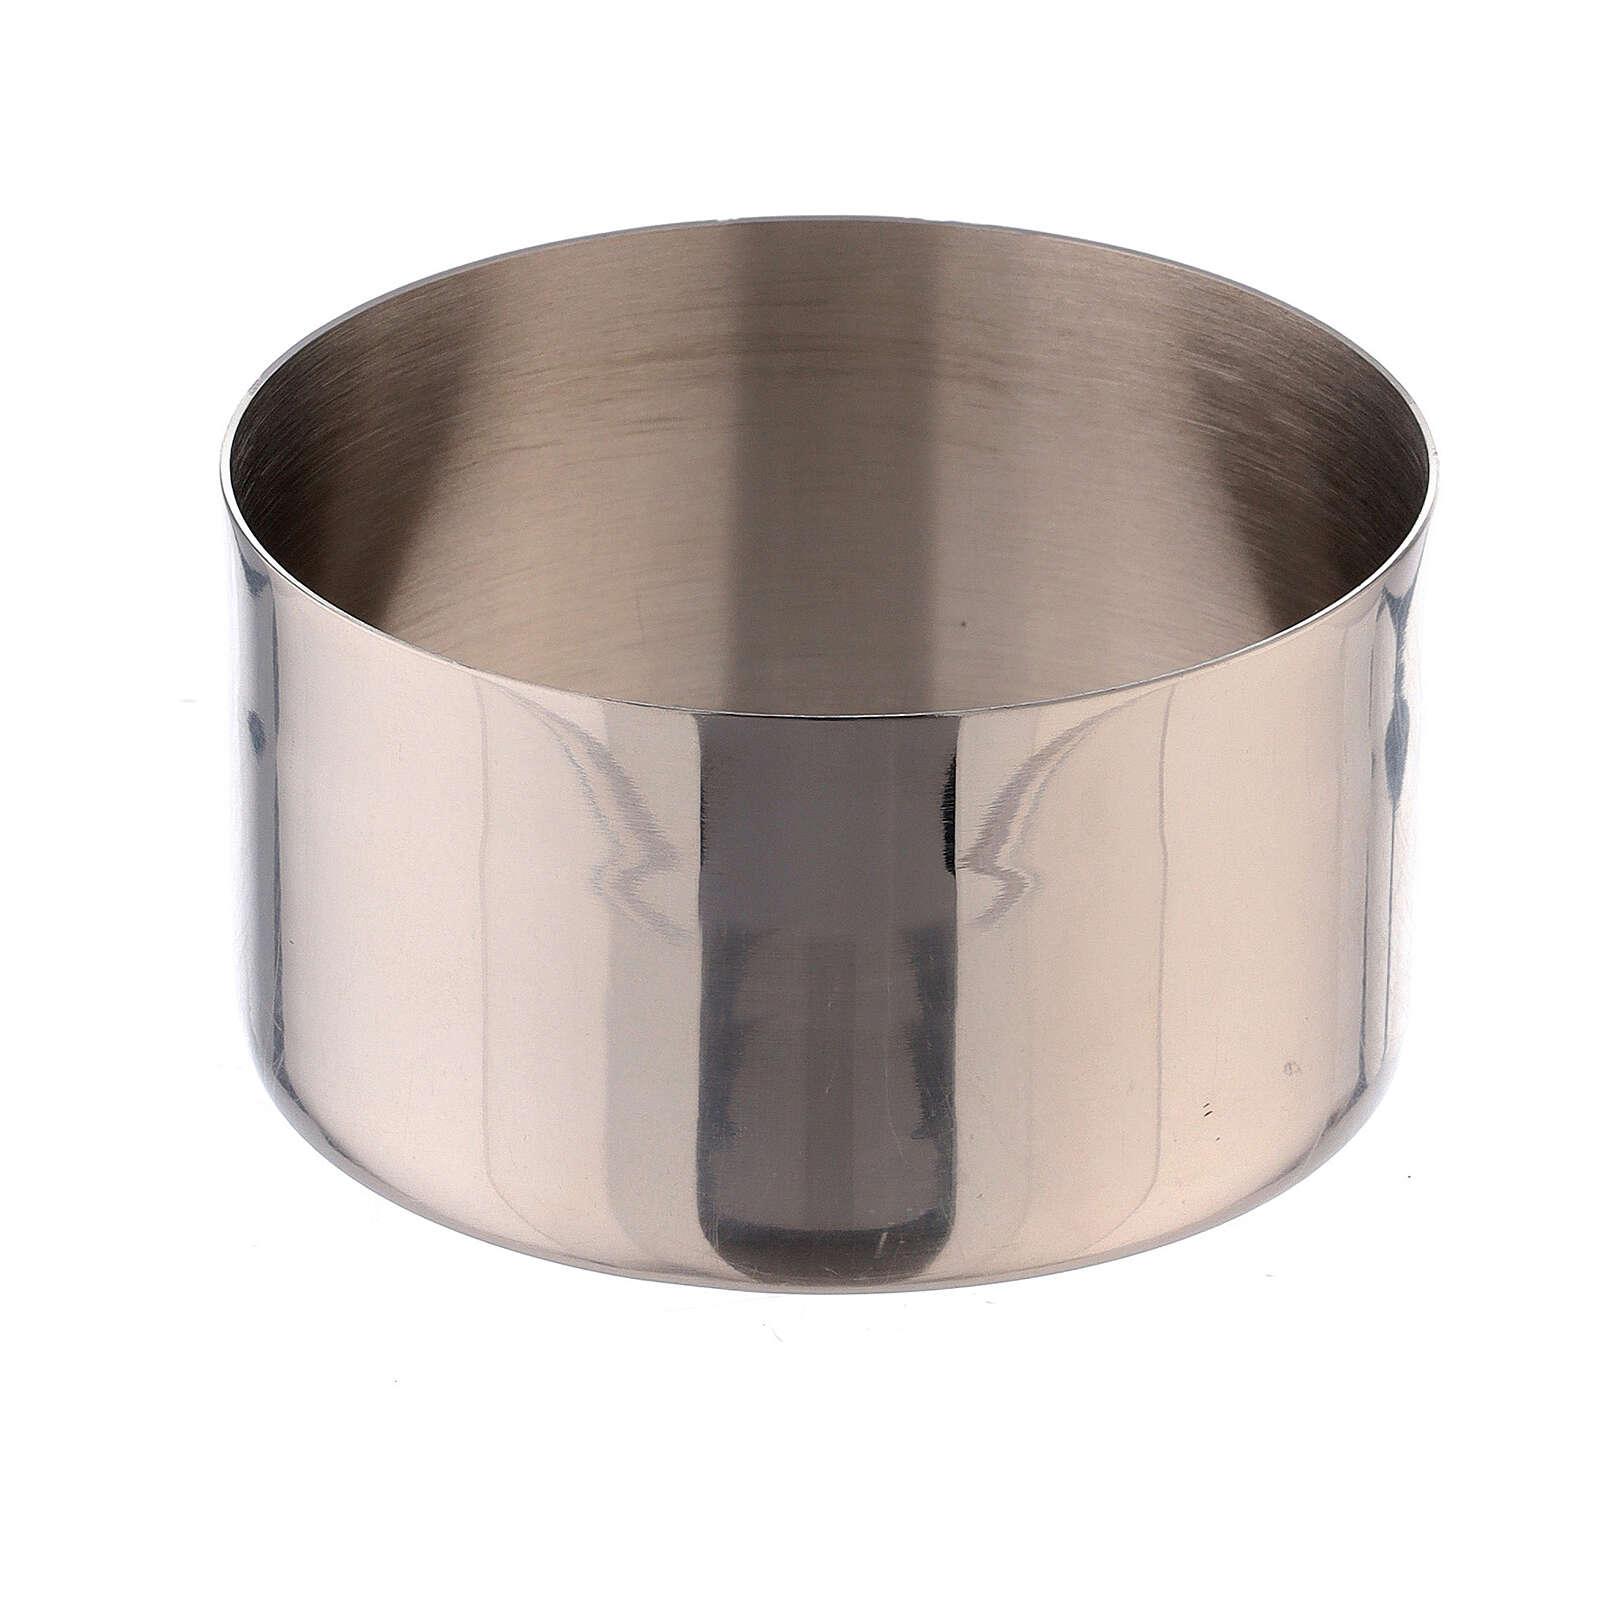 Accessoire bougie bague laiton nickelé 8 cm 4